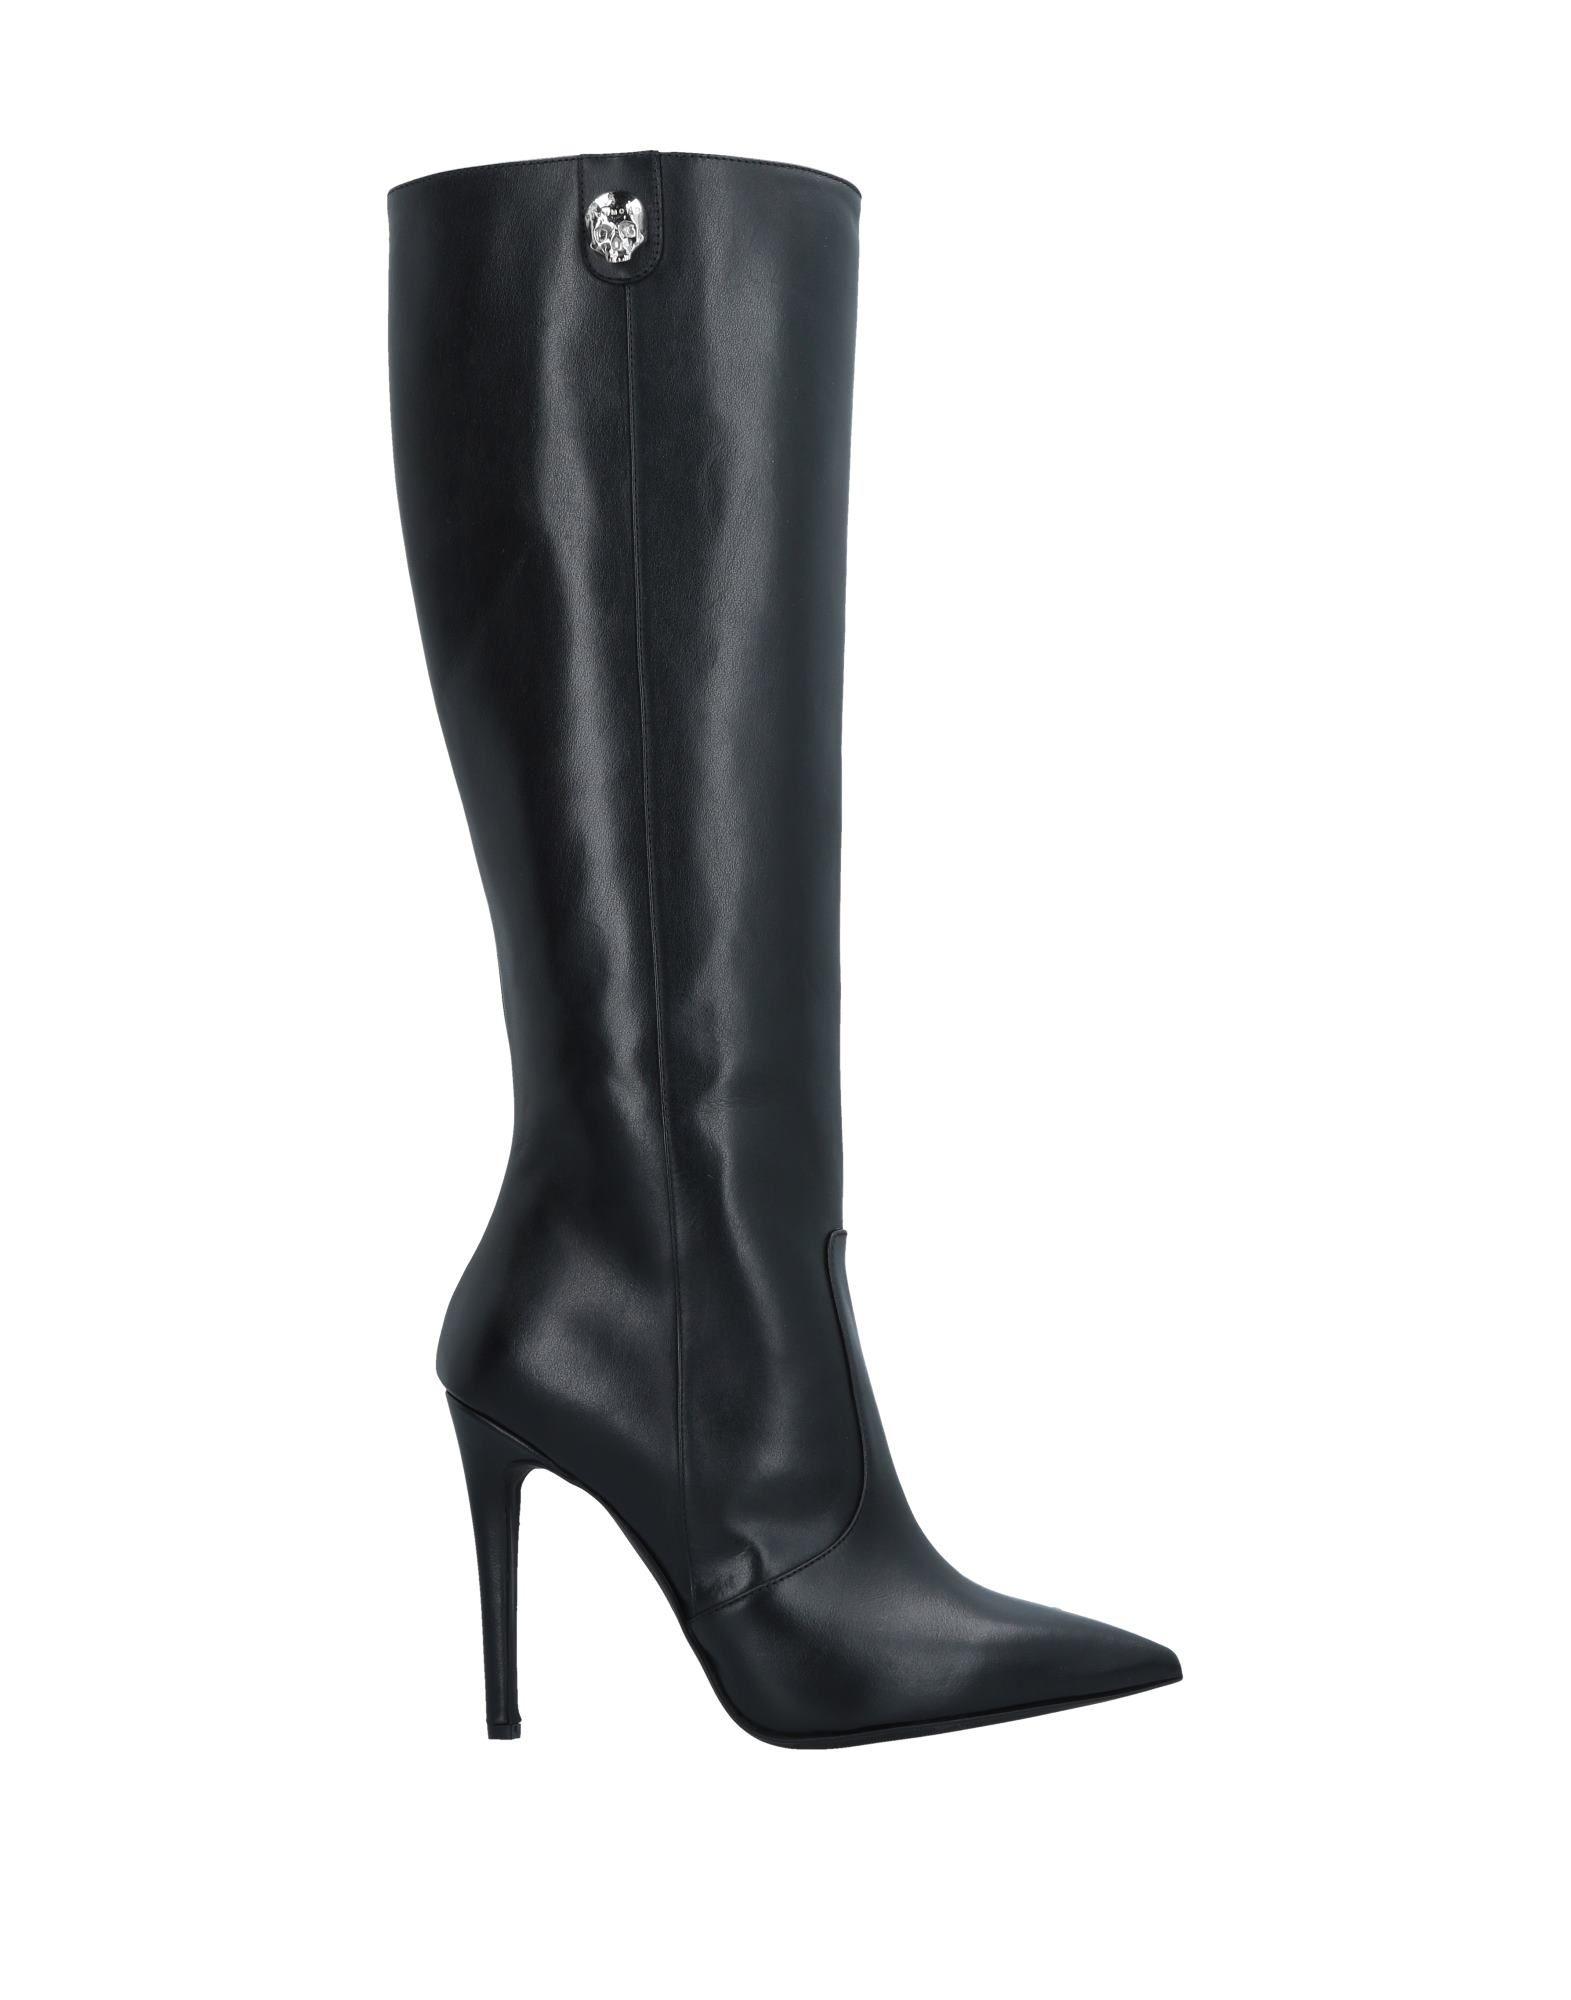 Scarpe economiche e resistenti Moda Stivali Donna Richmond Donna Stivali 10343f